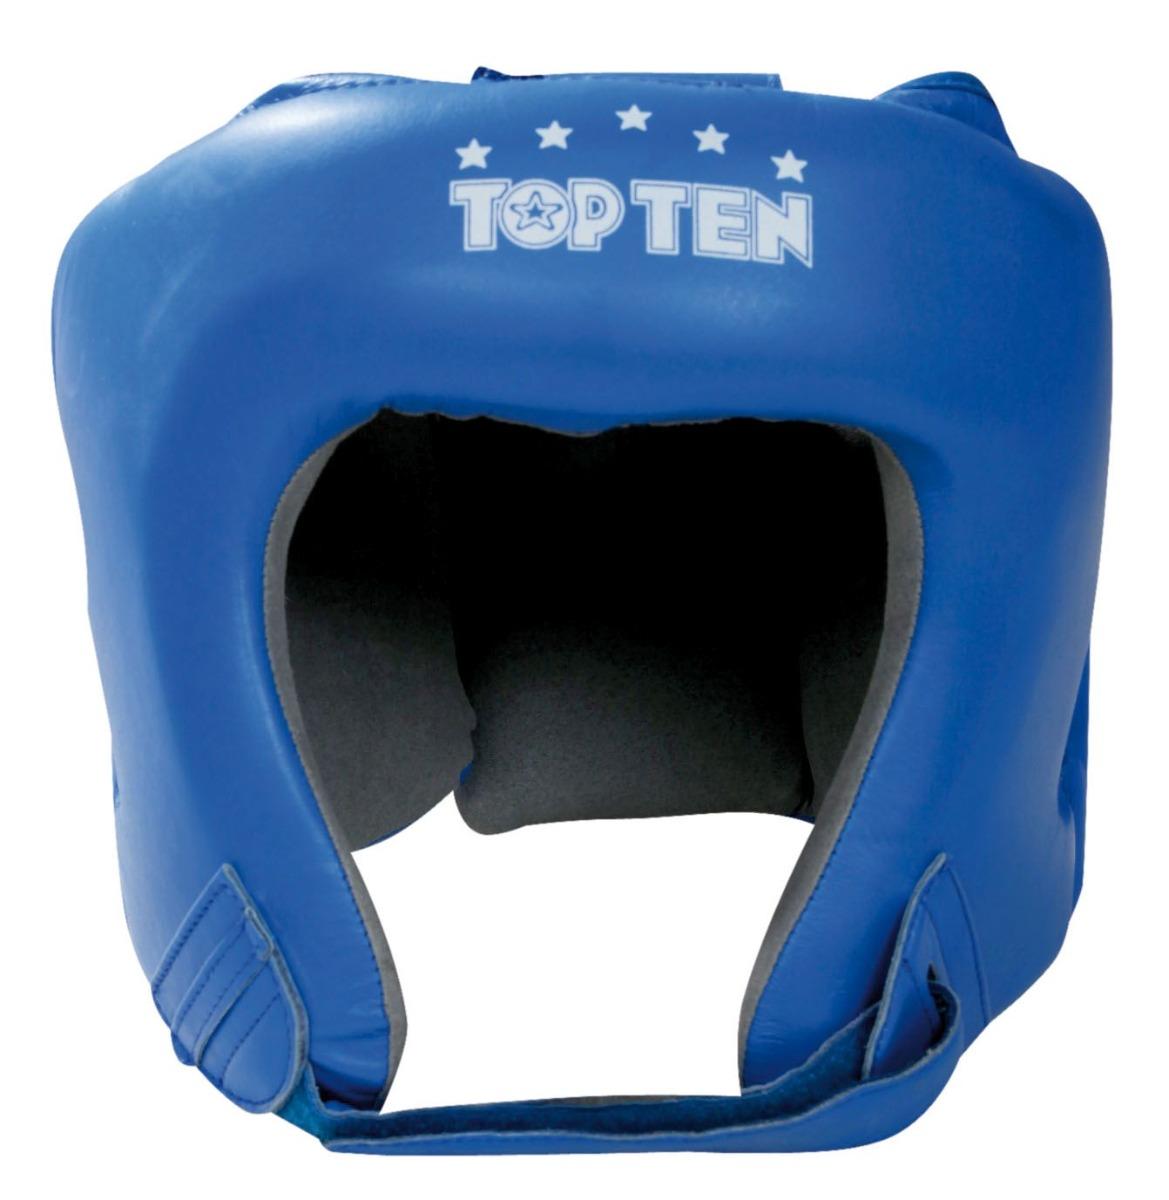 TOP TEN AIBA Hoofdbeschermer (Blauw)